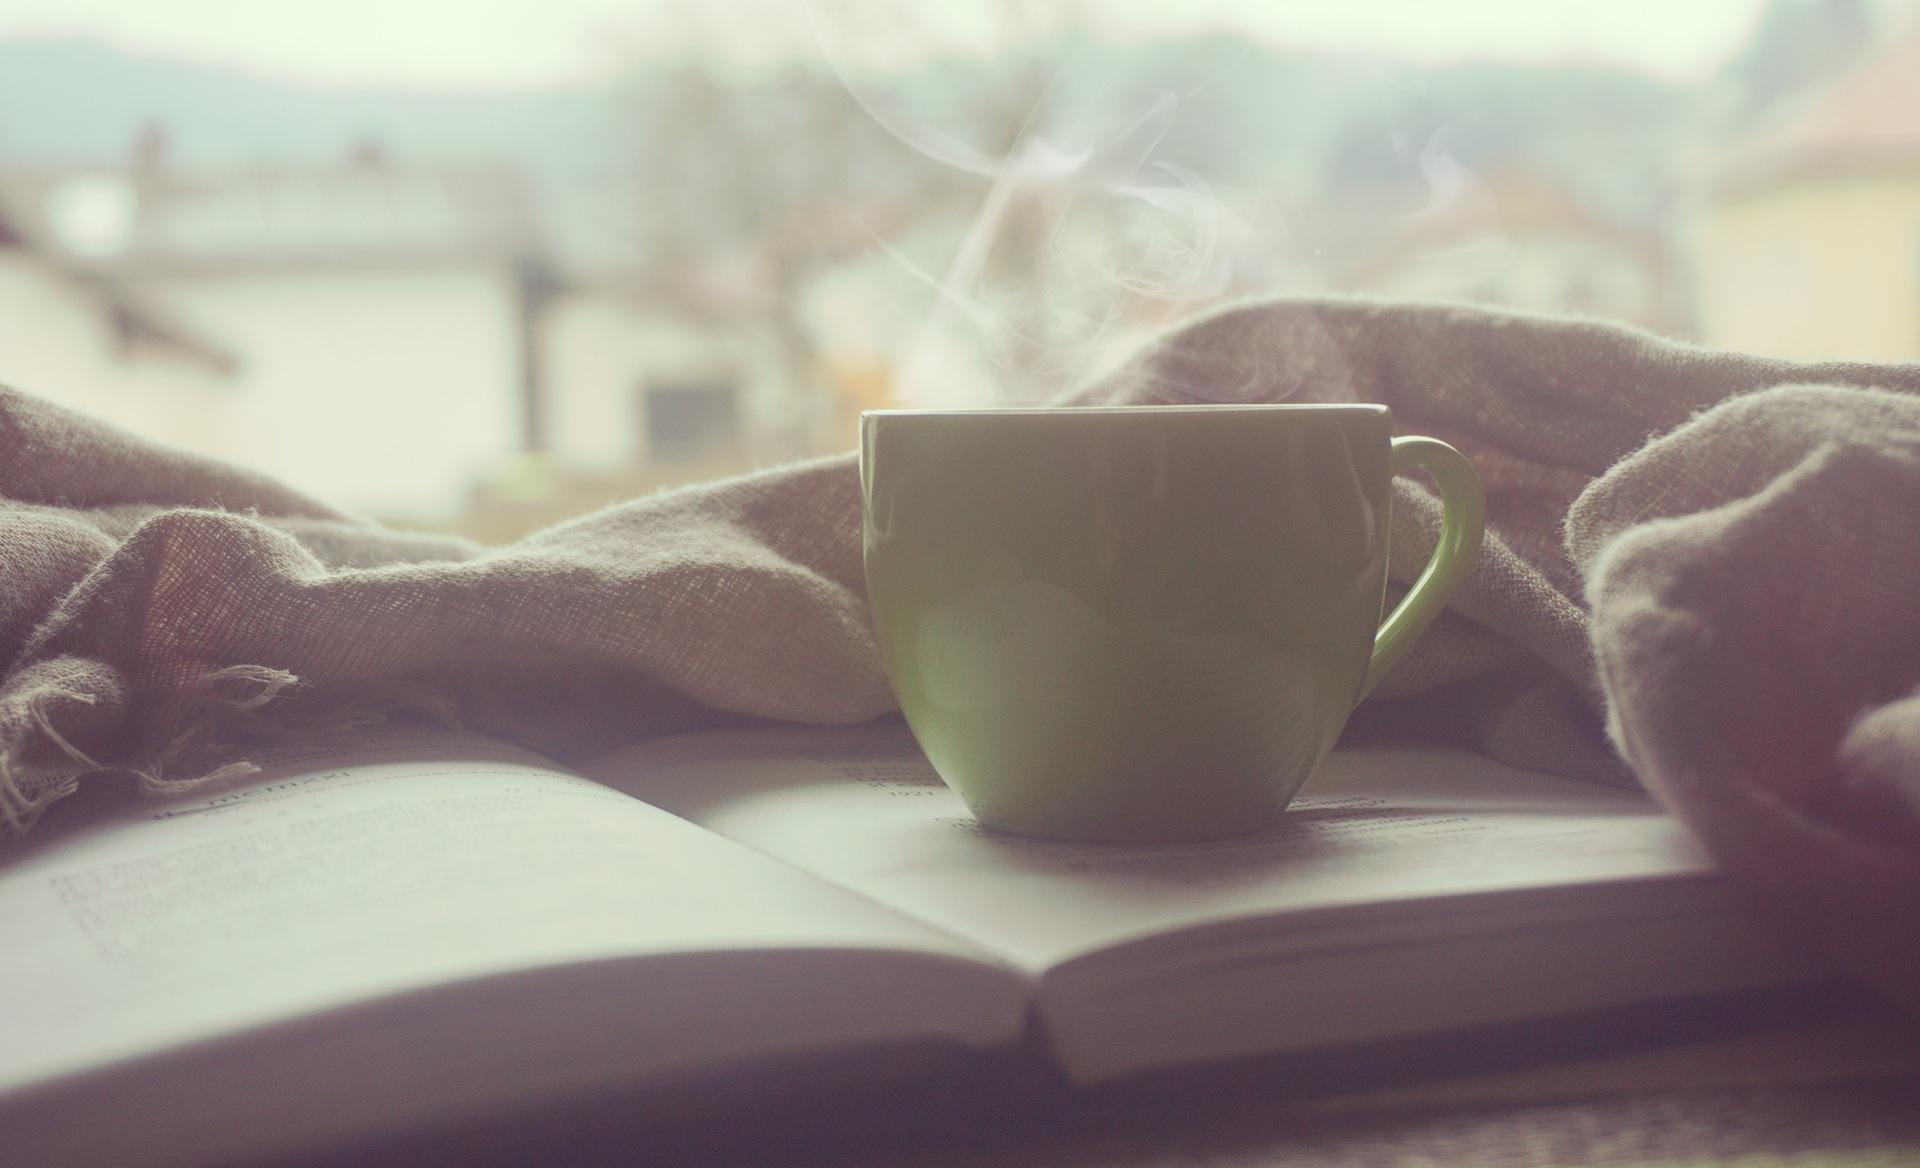 caffè, Coppa, Libro, lettura, Sono uno studente, Tazza di caffè - Sfondi HD - Professor-falken.com